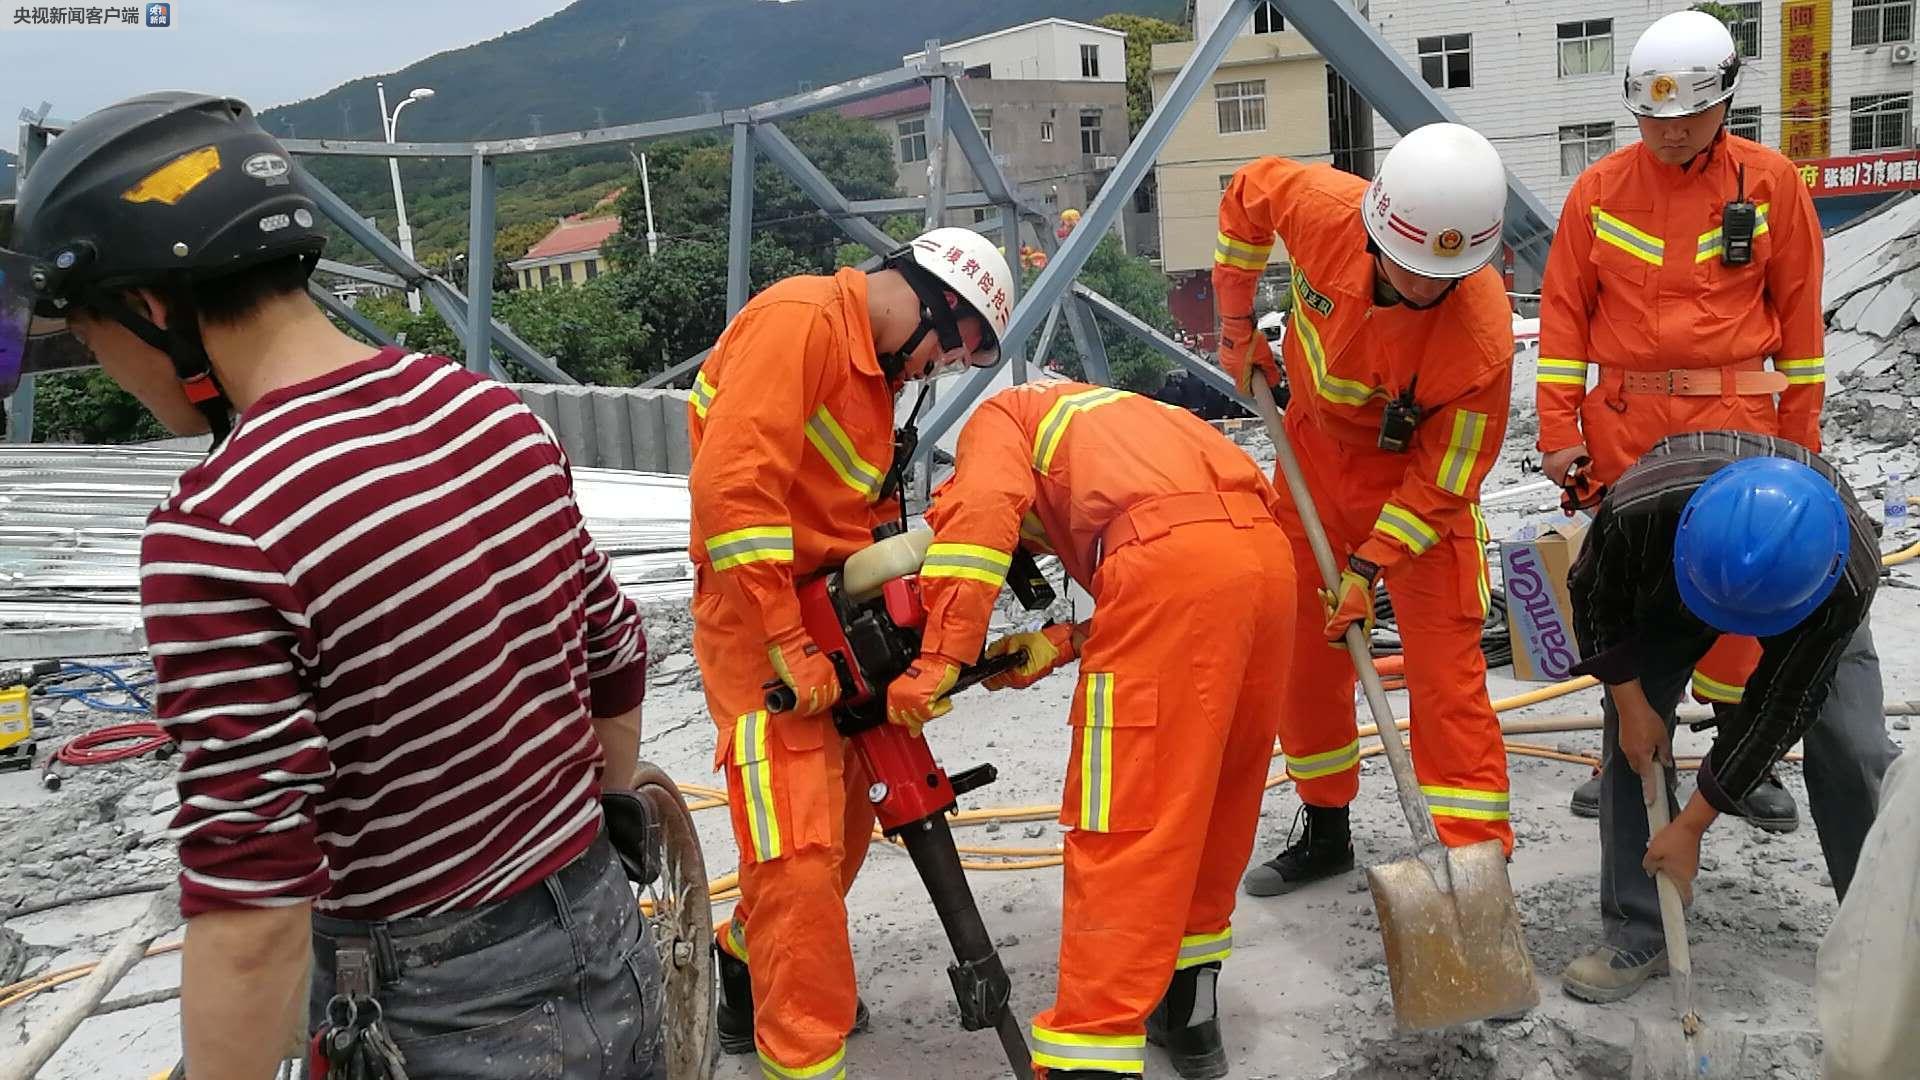 福建莆田一在建房坍塌致1死11伤 仍有5人被困红天地人才网